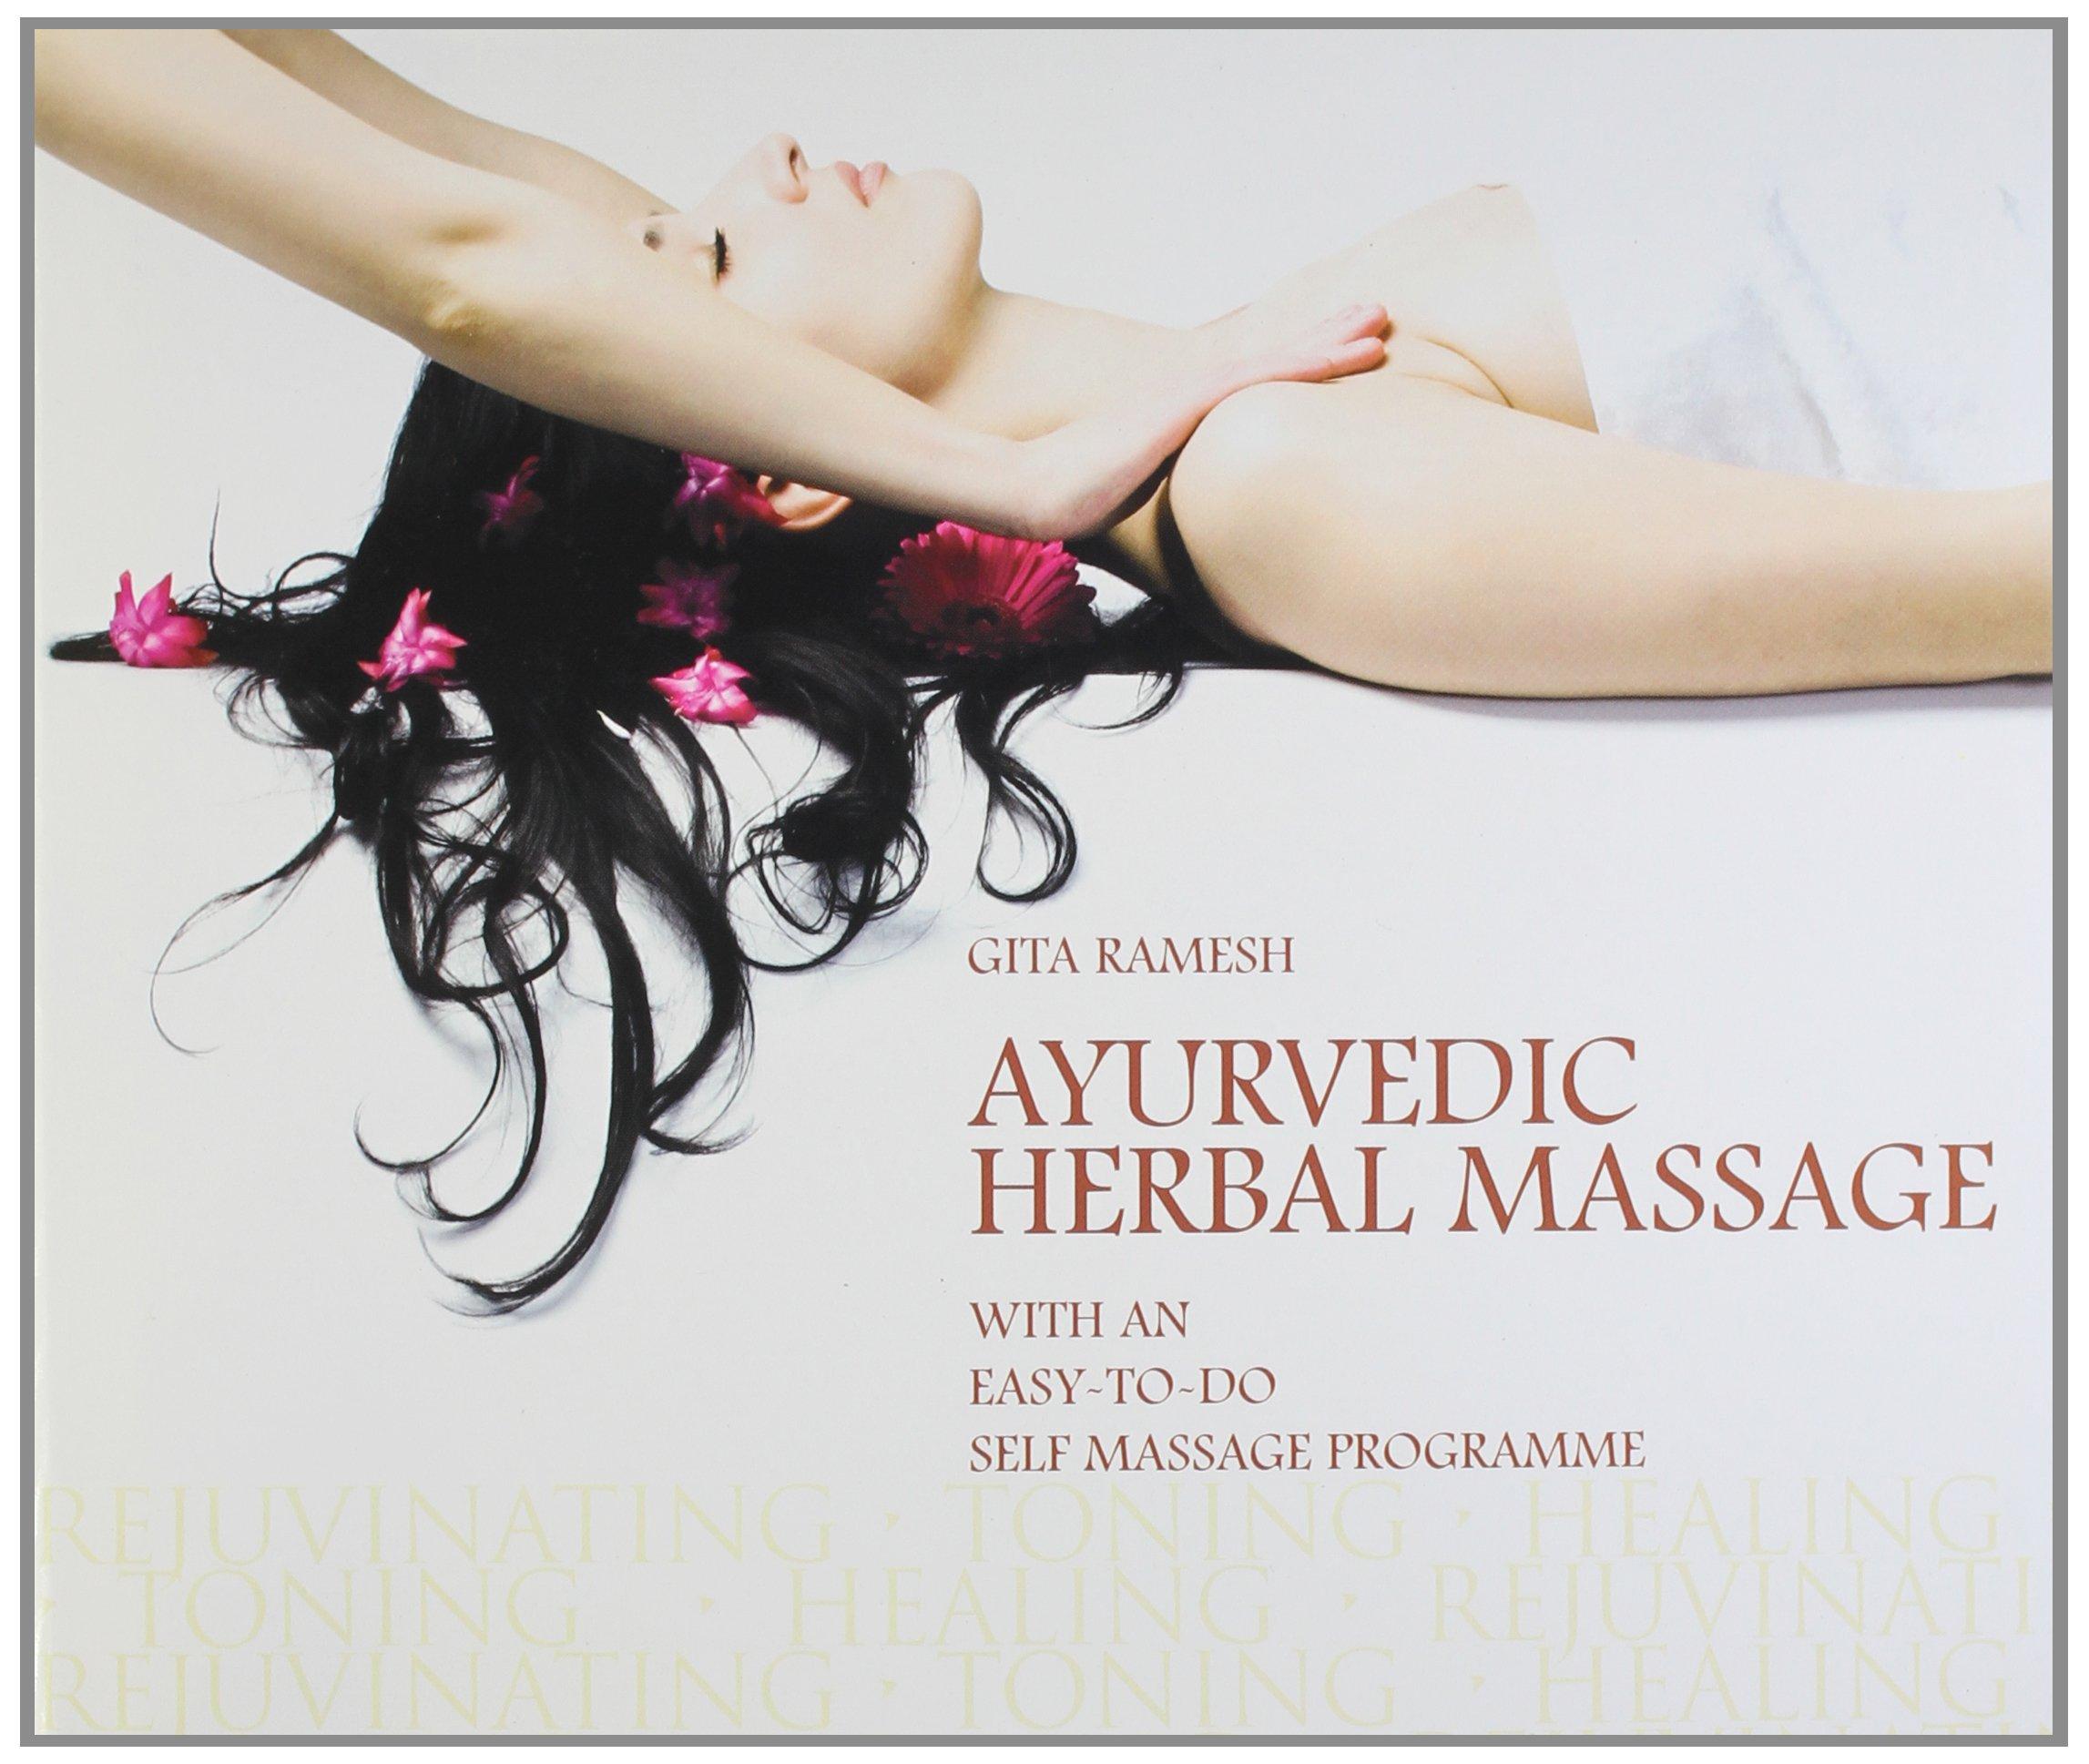 Ayurvedic Herbal Massage: Rejuvenating, Toning, Healing with ...